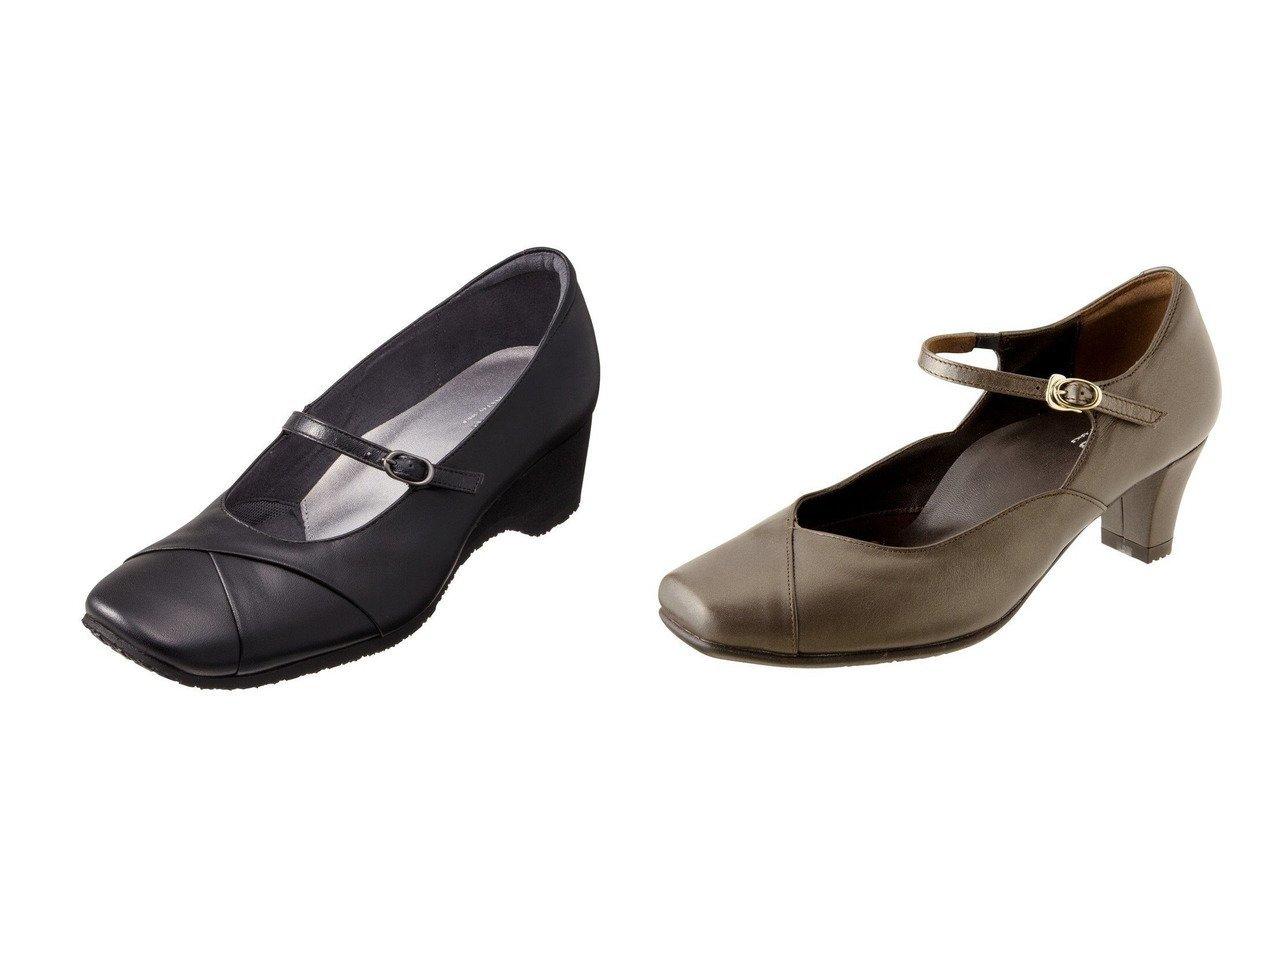 【ASICS WALKING/アシックス ウォーキング】のペダラ WC082B 3E ヒール高4.0cm&ペダラ WP357T 3E 【シューズ・靴】おすすめ!人気トレンド・レディースファッションの通販  おすすめで人気の流行・トレンド、ファッションの通販商品 メンズファッション・キッズファッション・インテリア・家具・レディースファッション・服の通販 founy(ファニー) https://founy.com/ ファッション Fashion レディースファッション WOMEN 送料無料 Free Shipping シューズ スクエア 抗菌 シンプル ラップ |ID:crp329100000029616